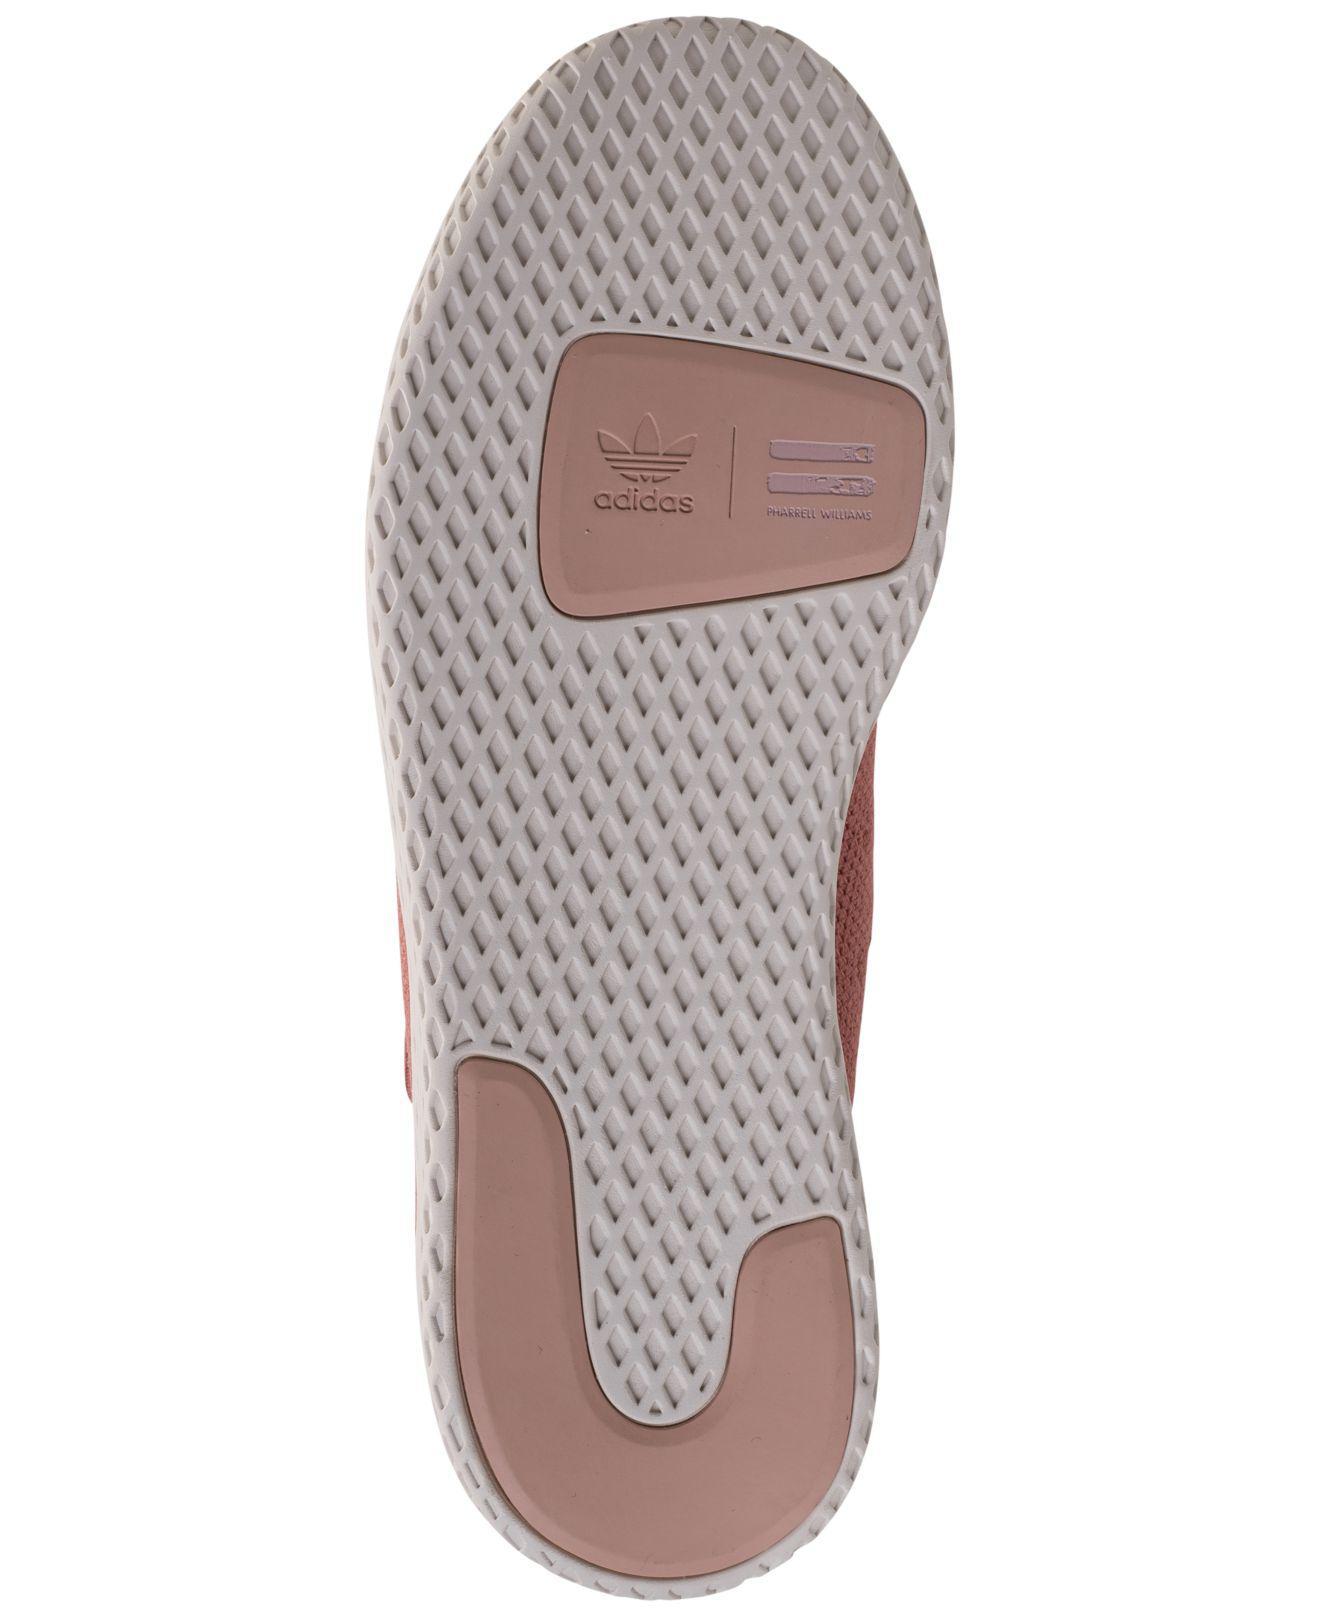 4ea60a8d0dcea Lyst - adidas Women s Originals Pharrell Williams Tennis Hu Casual ...